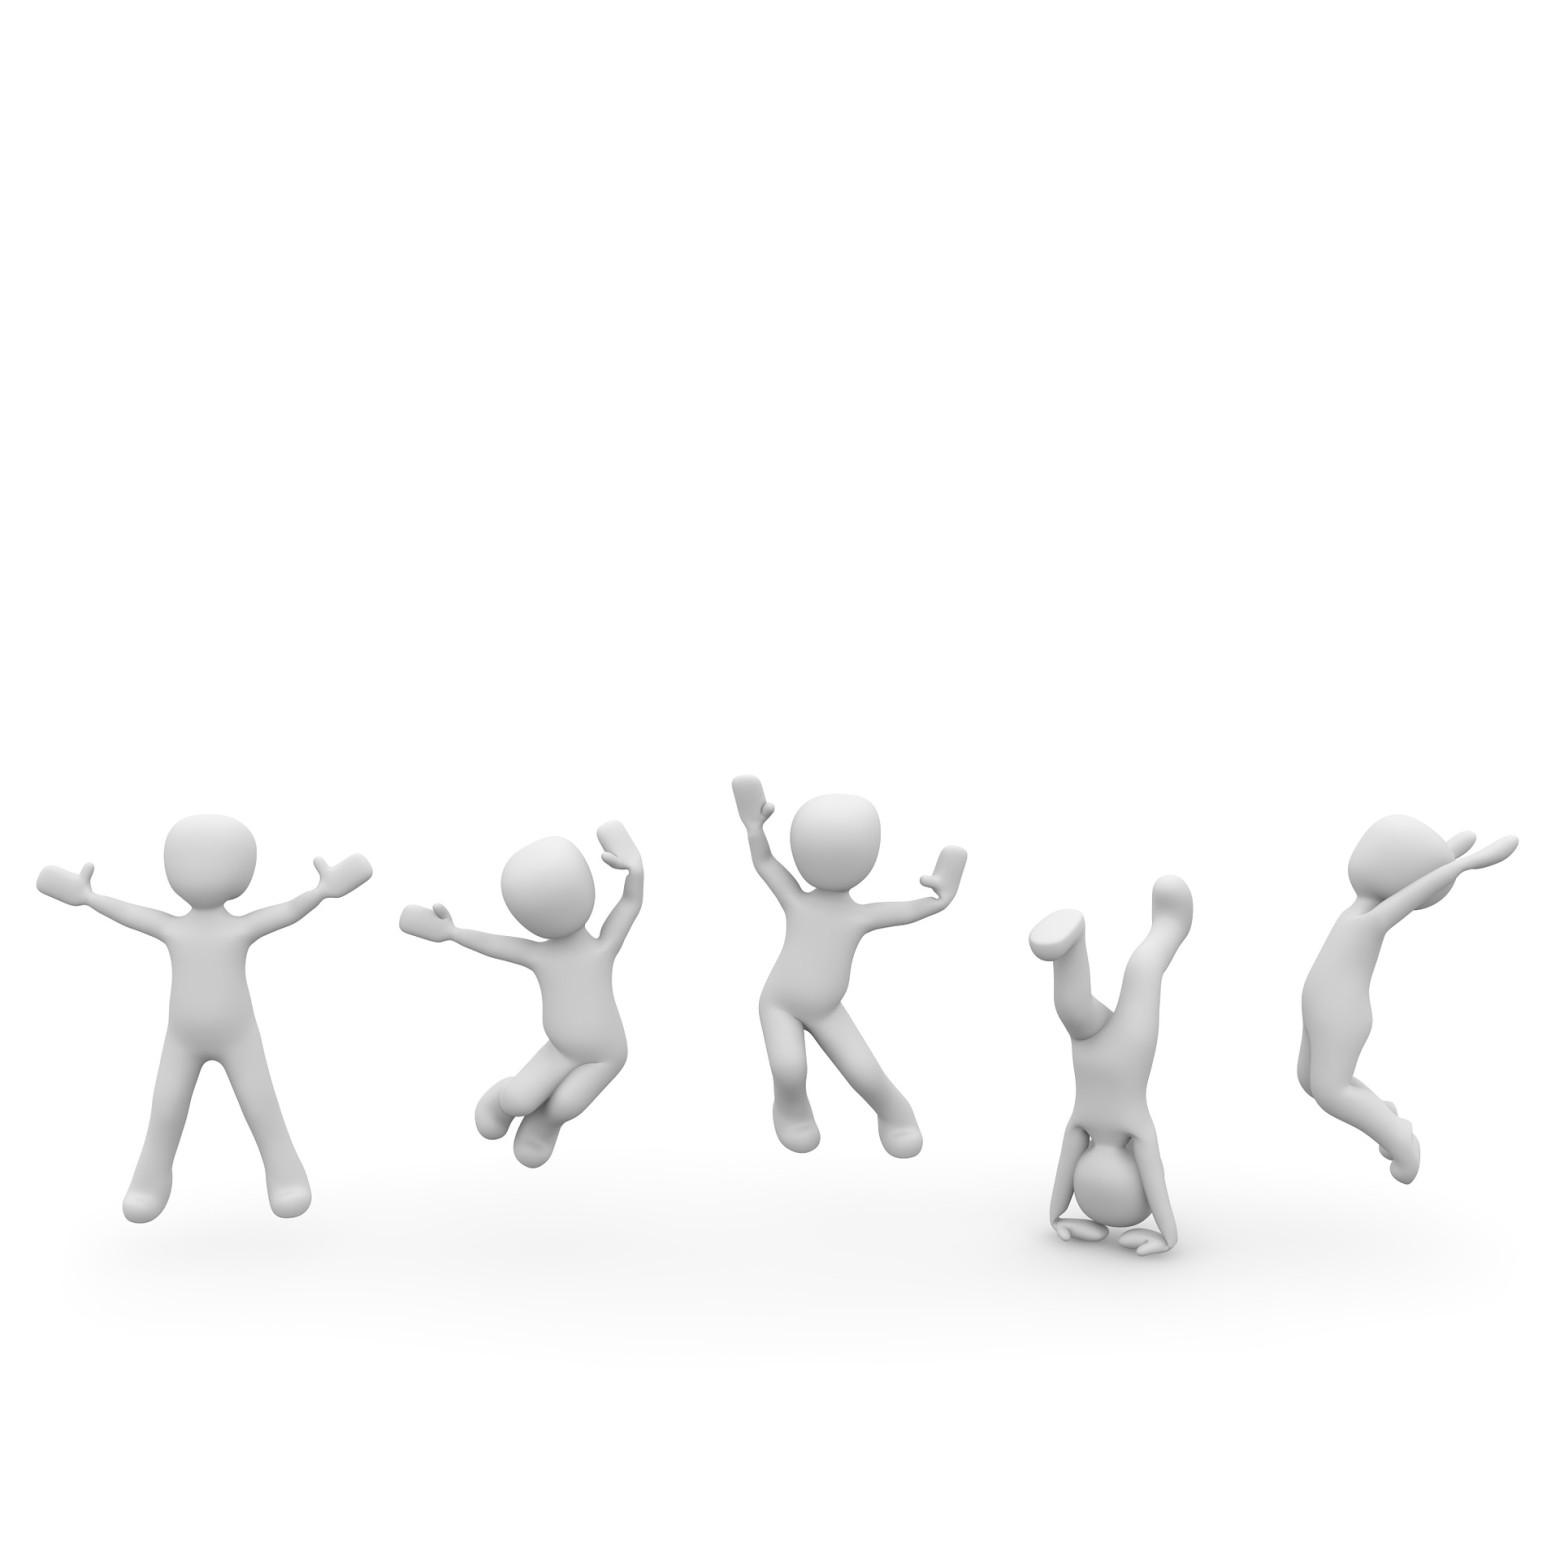 bonhomme blanc 3d images gratuites libres de droits creative commons